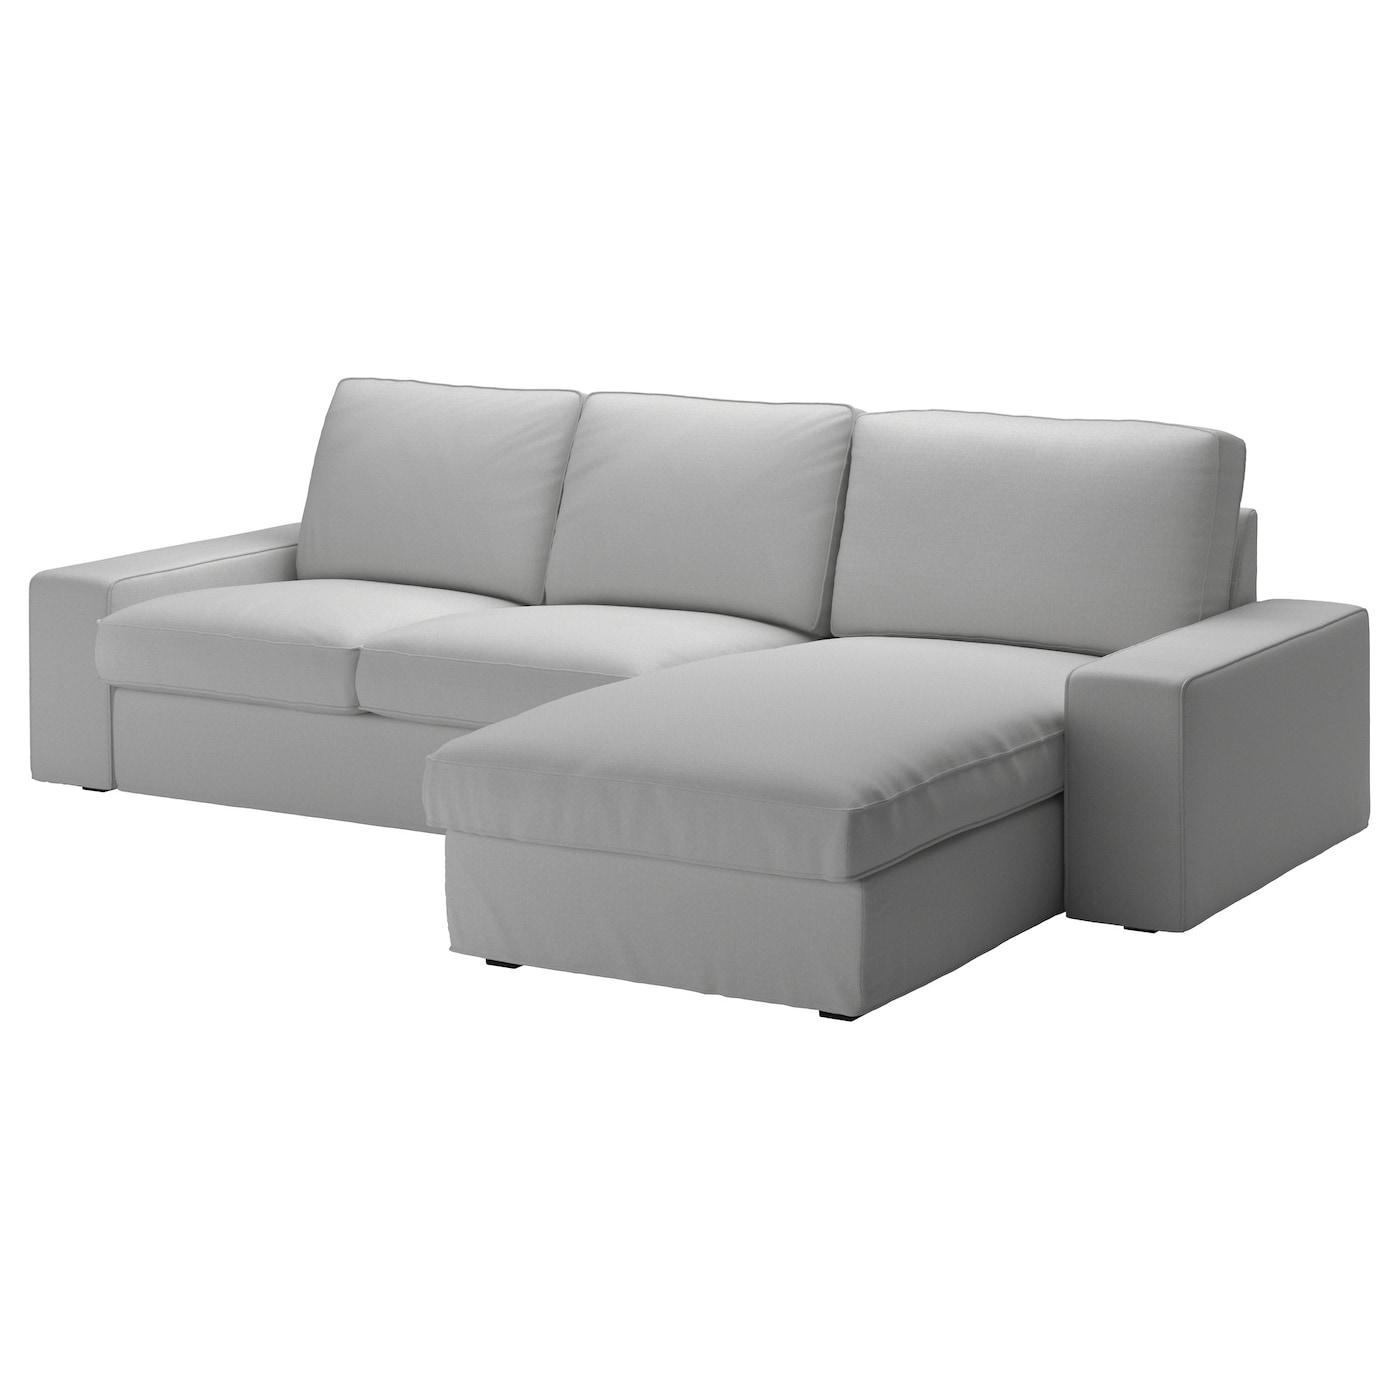 Ein Wie überzieht man Sofa Sofa selber